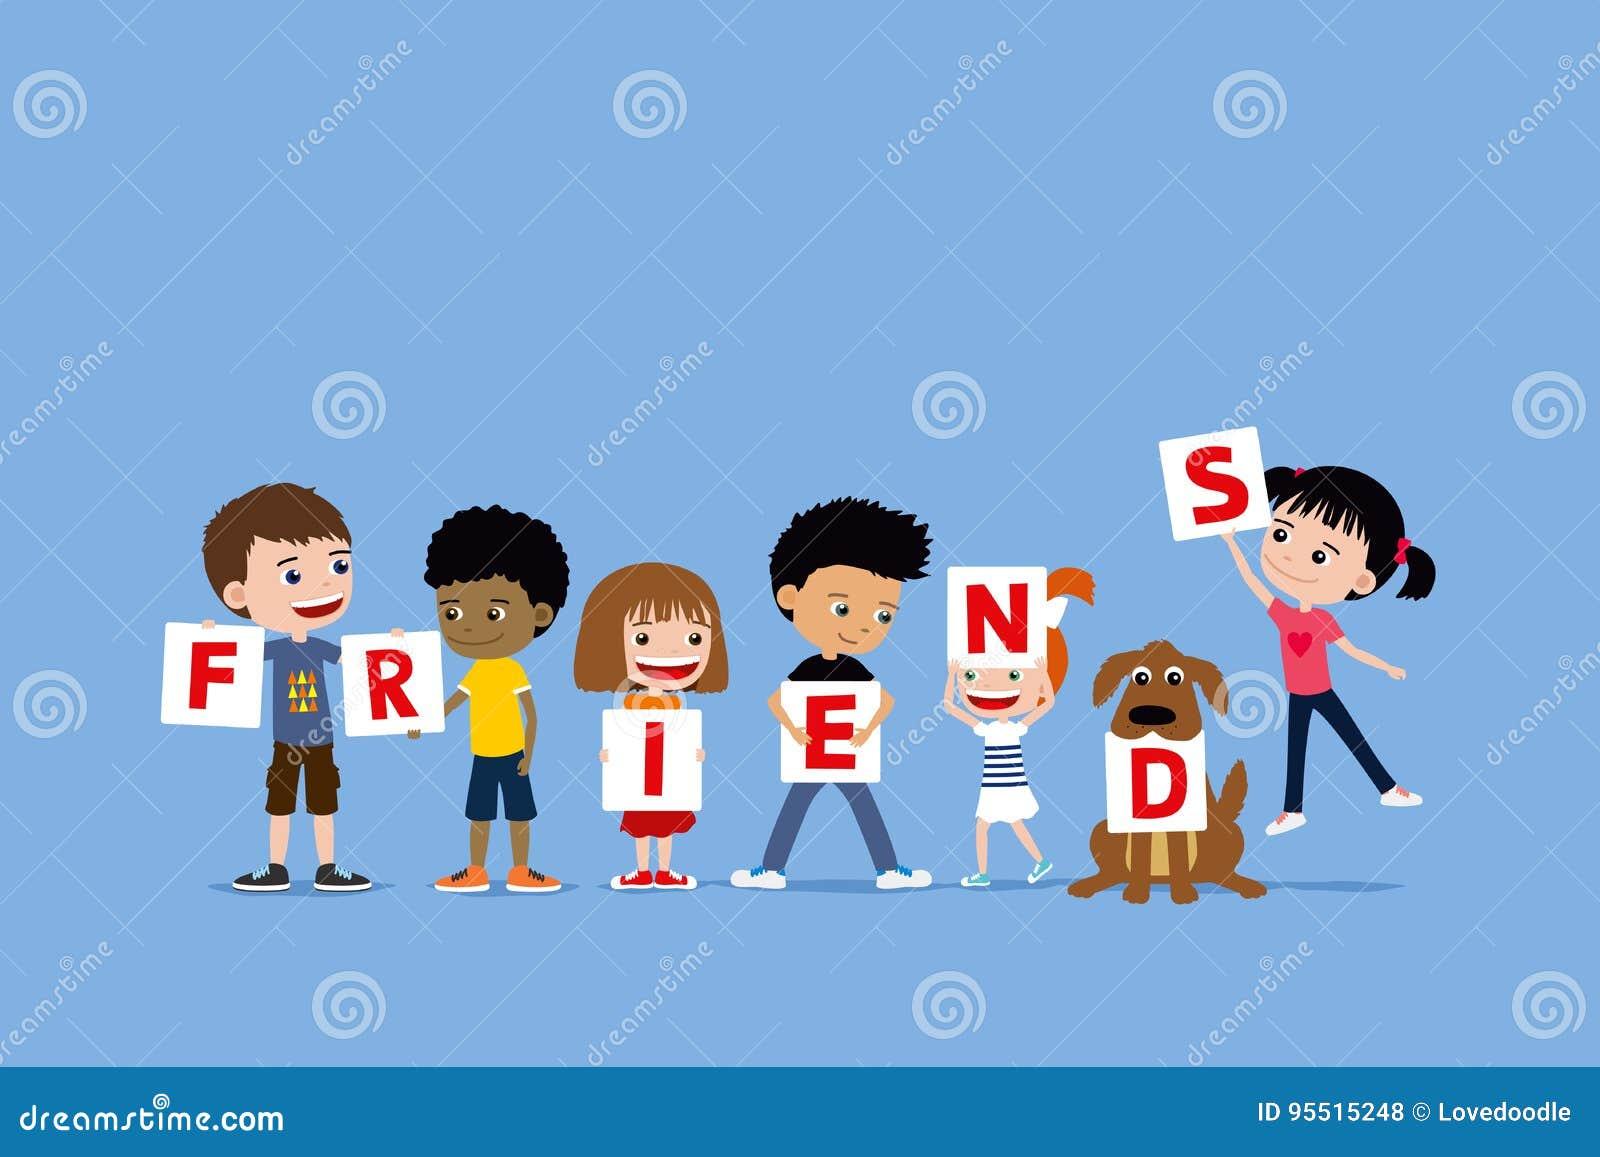 Gruppen av barn och ett hundinnehav märker att säga vänner Gullig olik tecknad filmillustration av små flickor och pojkar